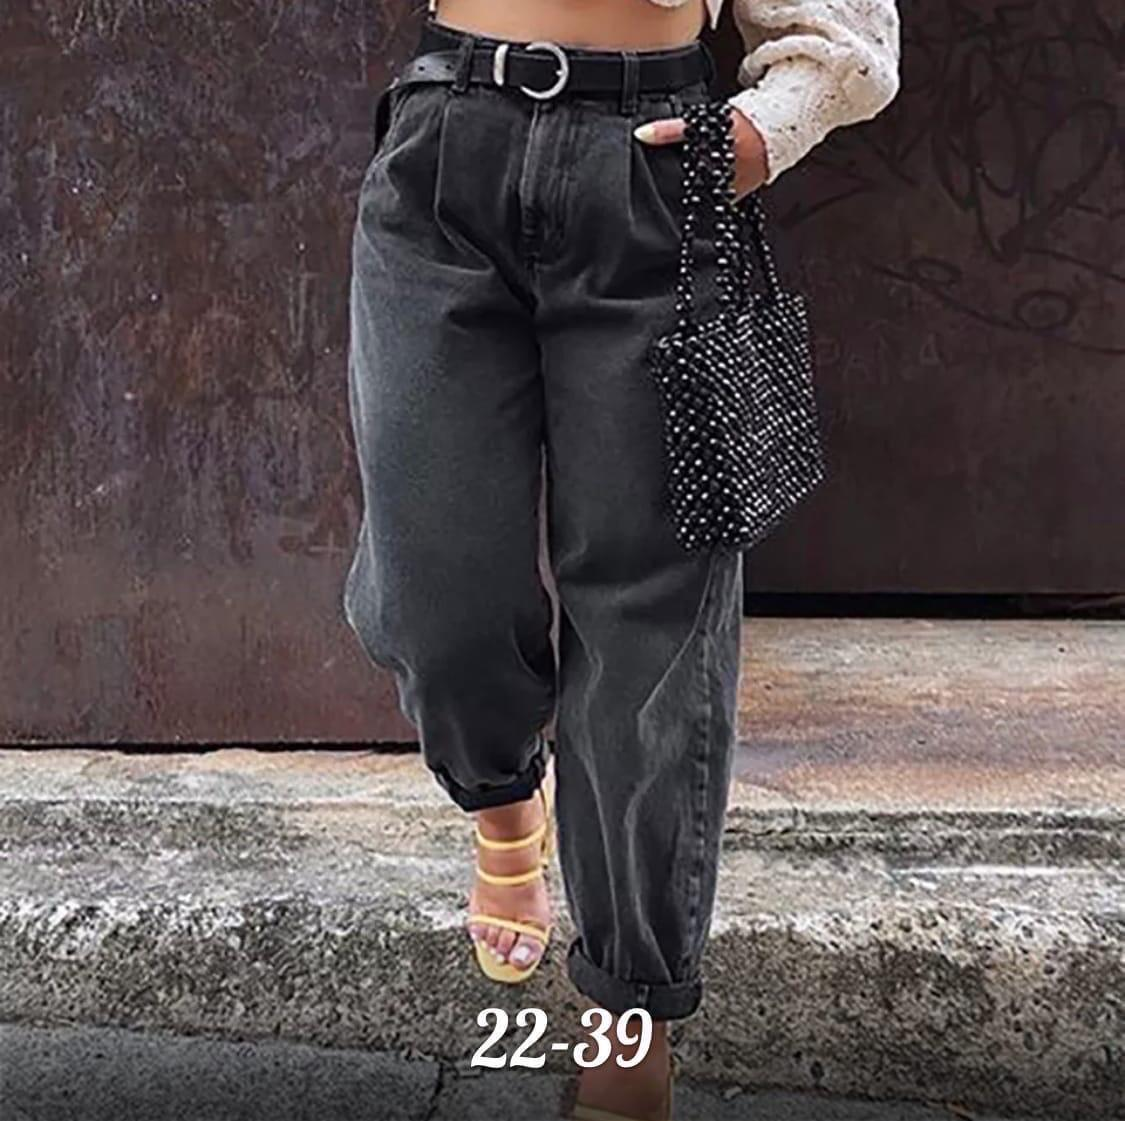 ЖЕНЩИНЫ :: Джинсы :: ДЖИНСЫ ЖЕНСКИЕ - Рынок Садовод официальный интернет-каталог